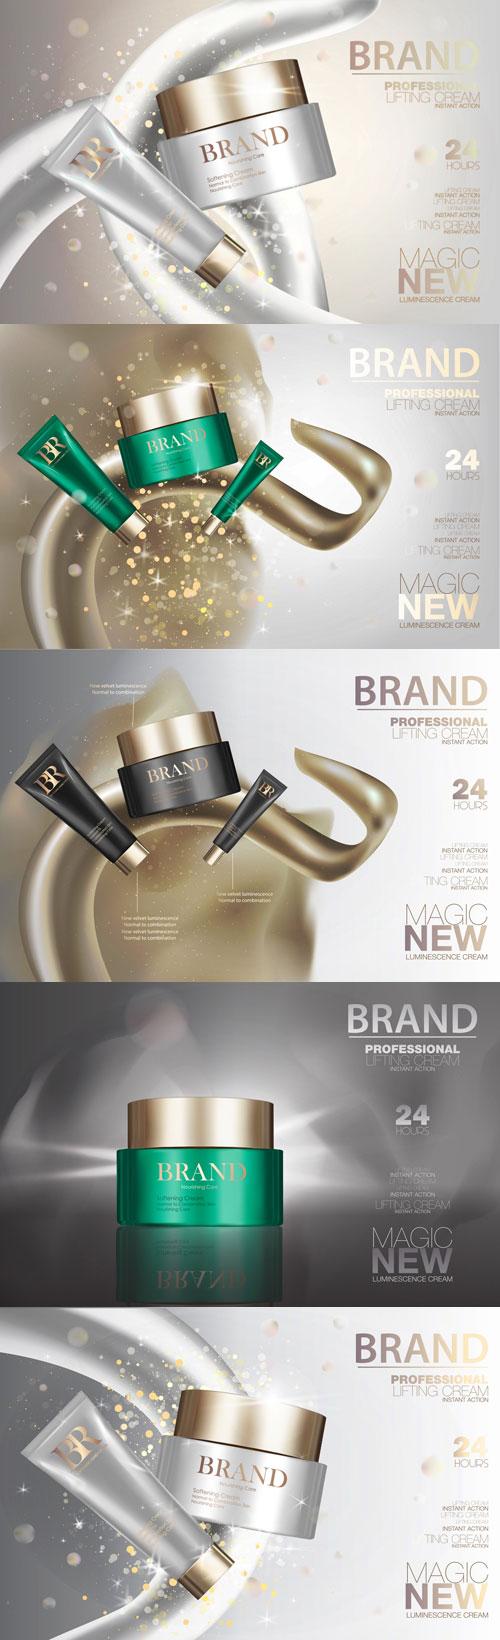 个护美妆产品广告